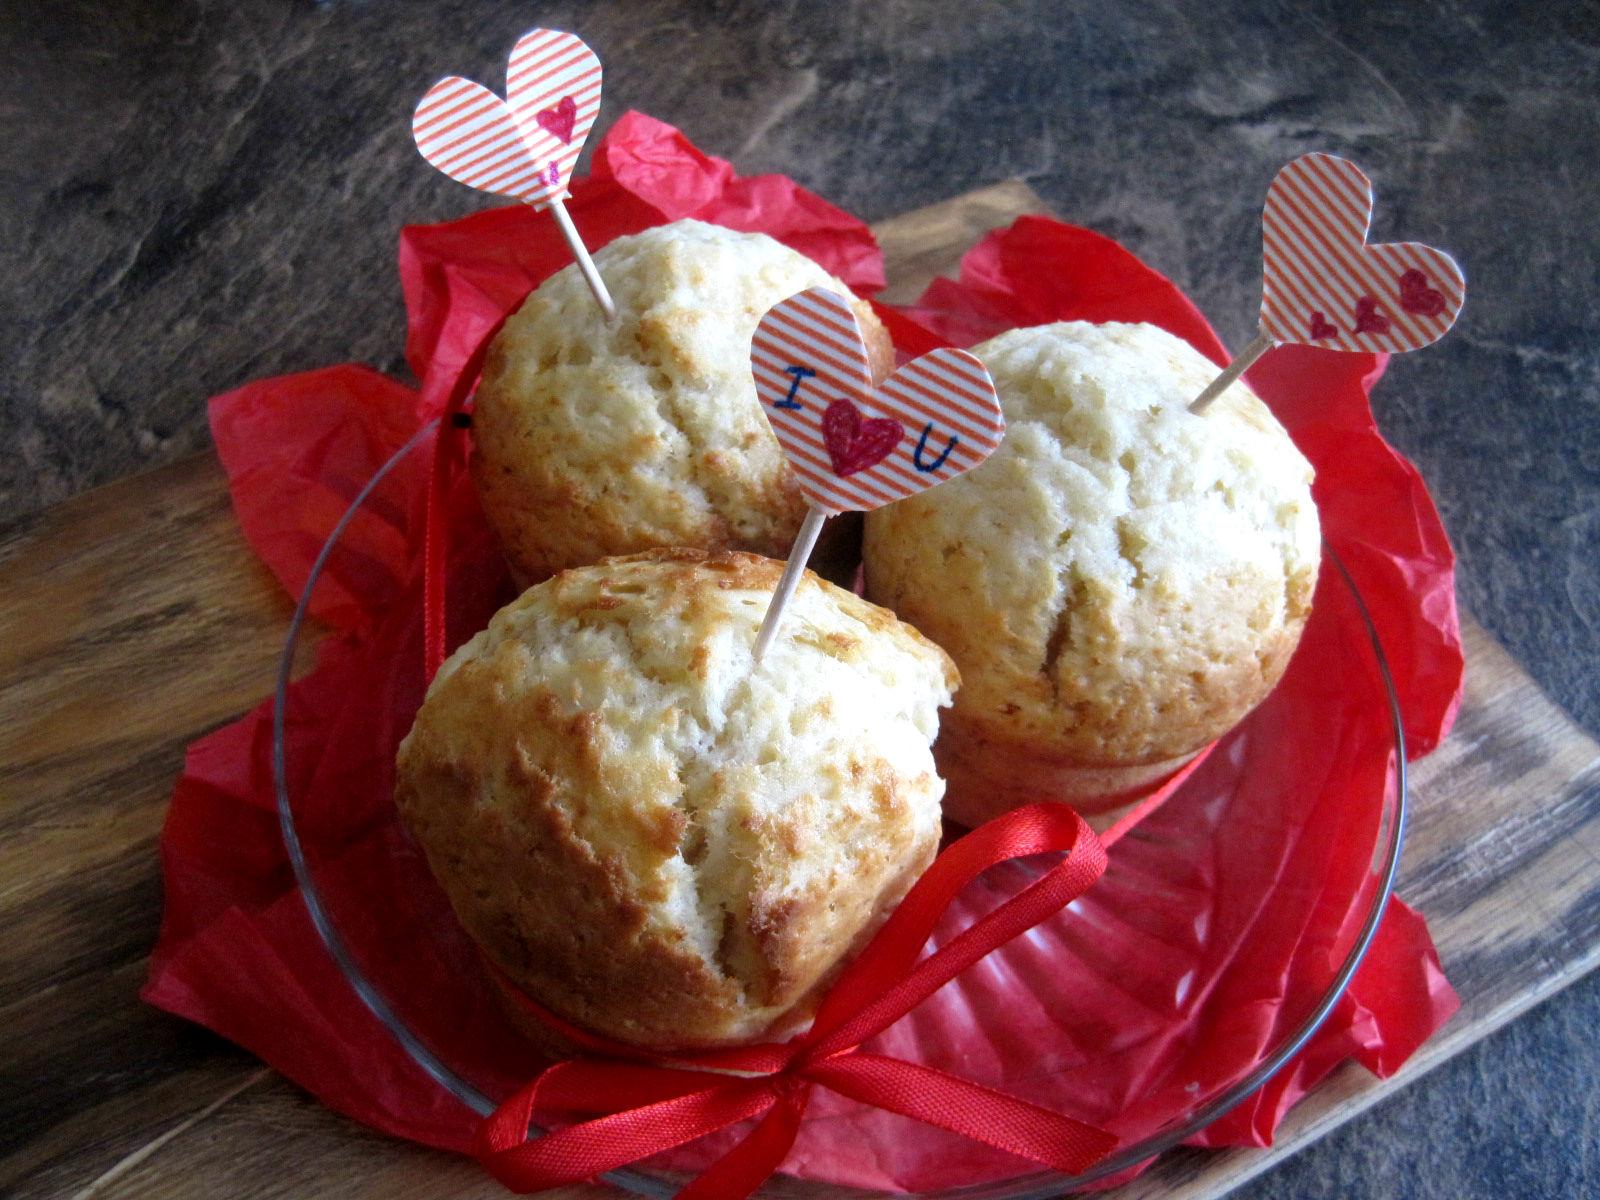 DIY Walentynkowe dekoracje do muffinów